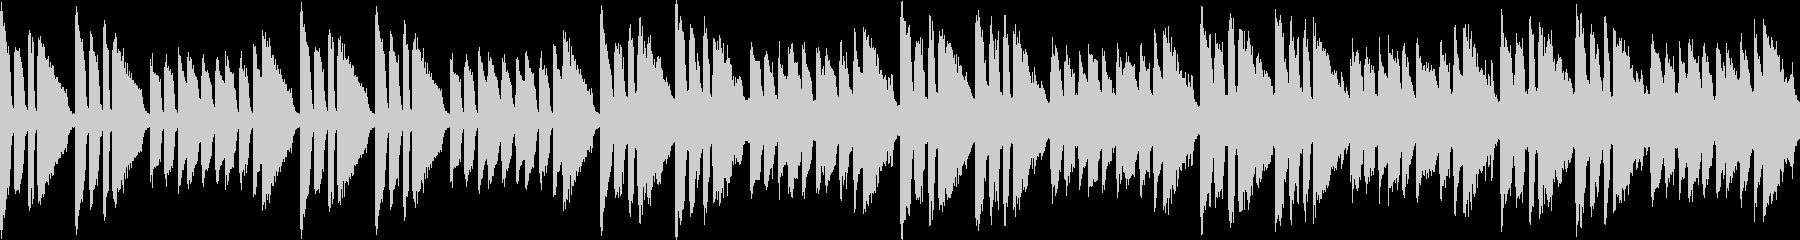 初めての挑戦みたいな曲(ループ仕様)の未再生の波形